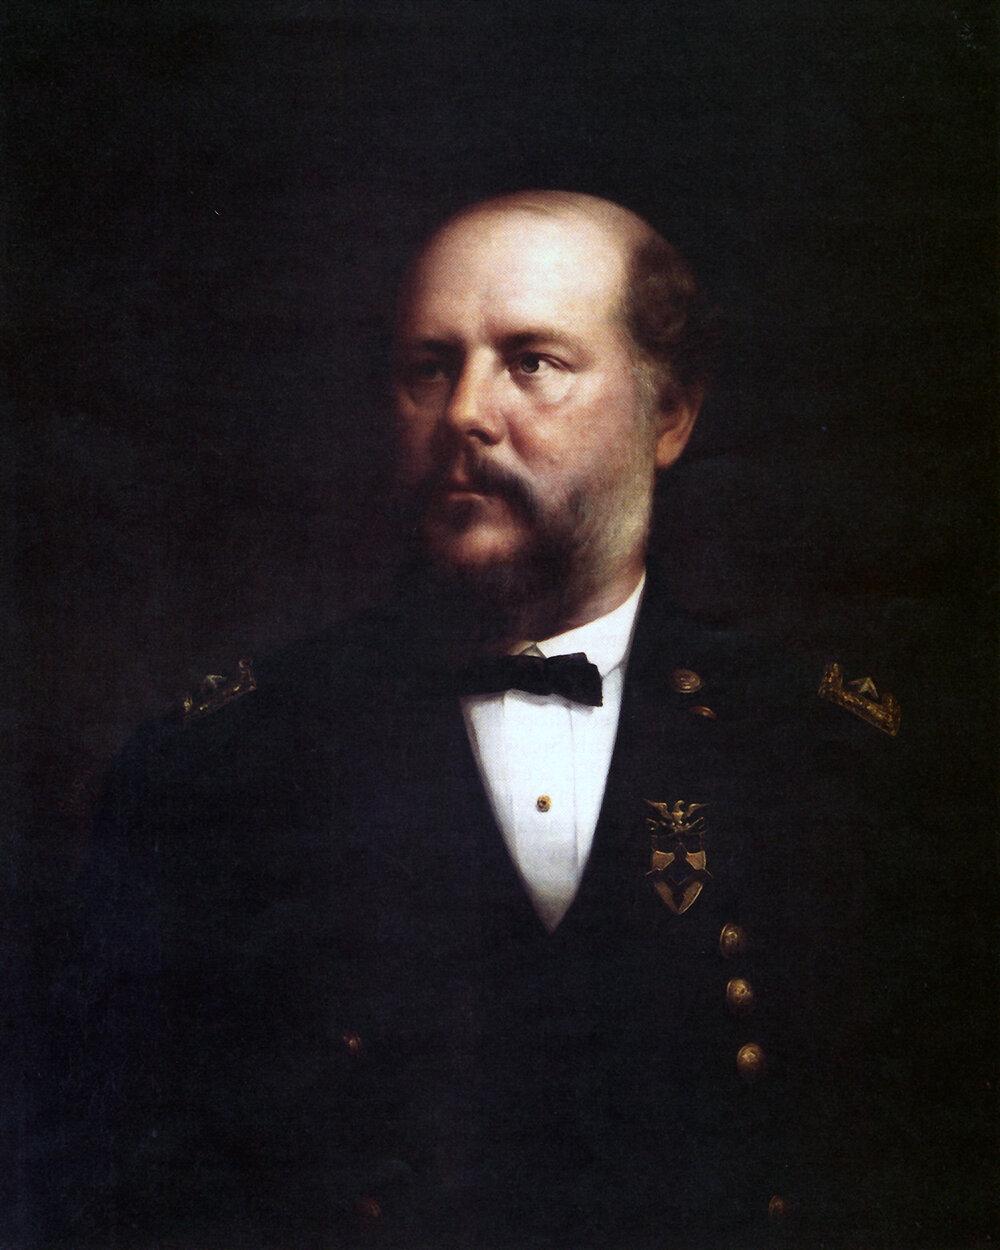 Schofield Official Portrait by Stephen William Shaw (Wikimedia)